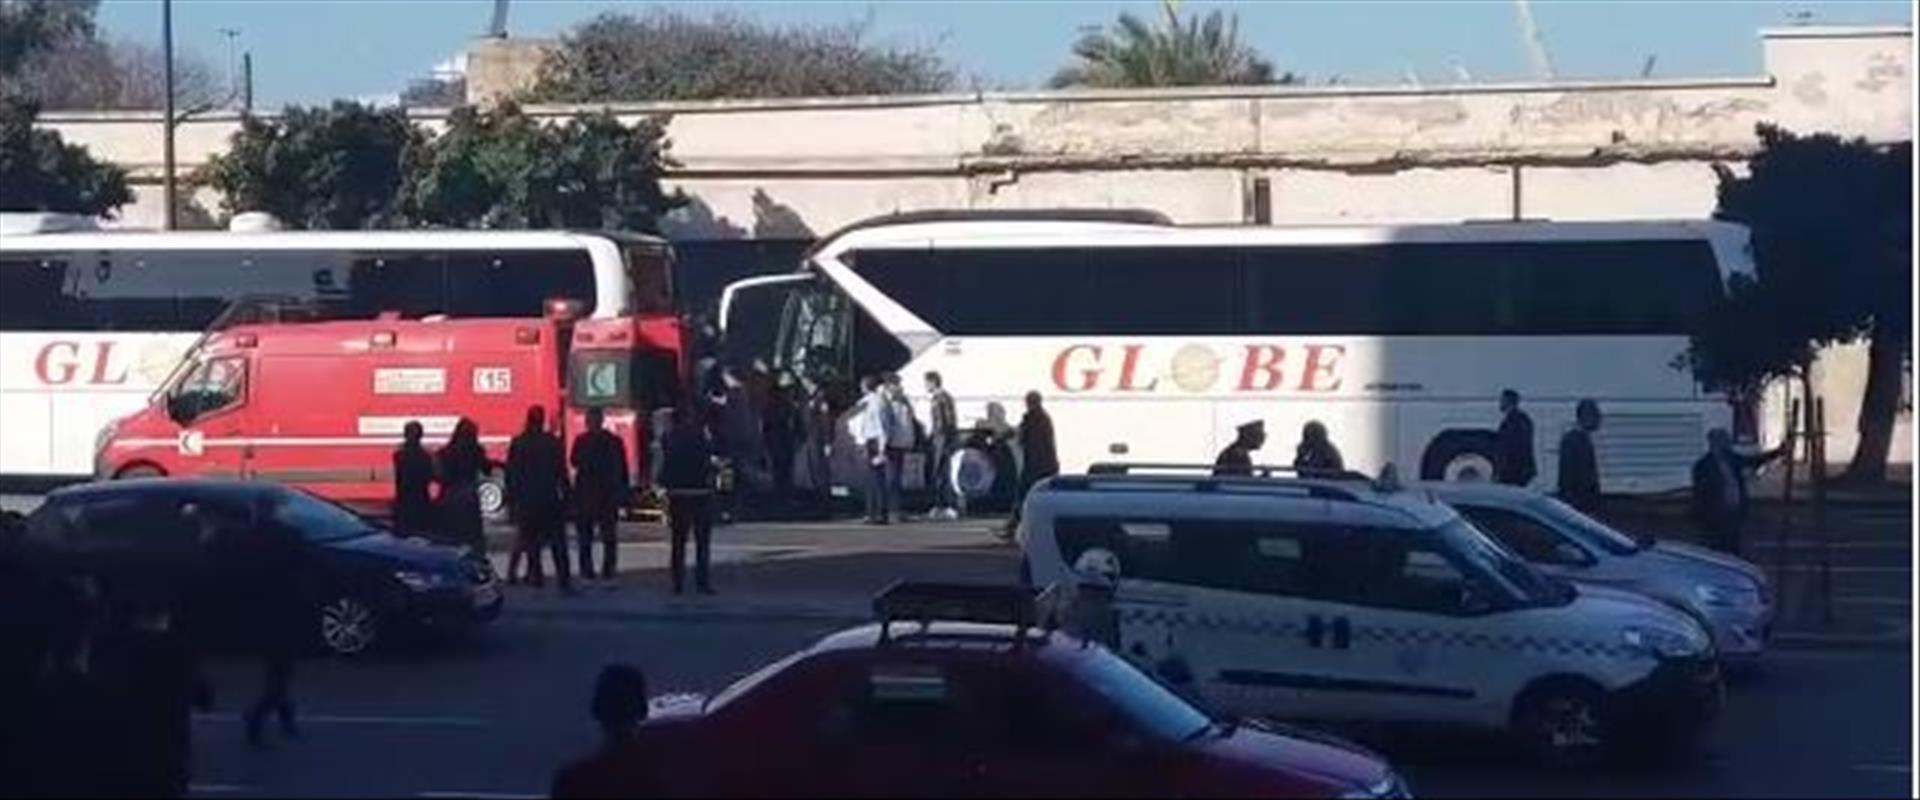 ישראלי נהרג במרוקו מפגיעת אוטובוס